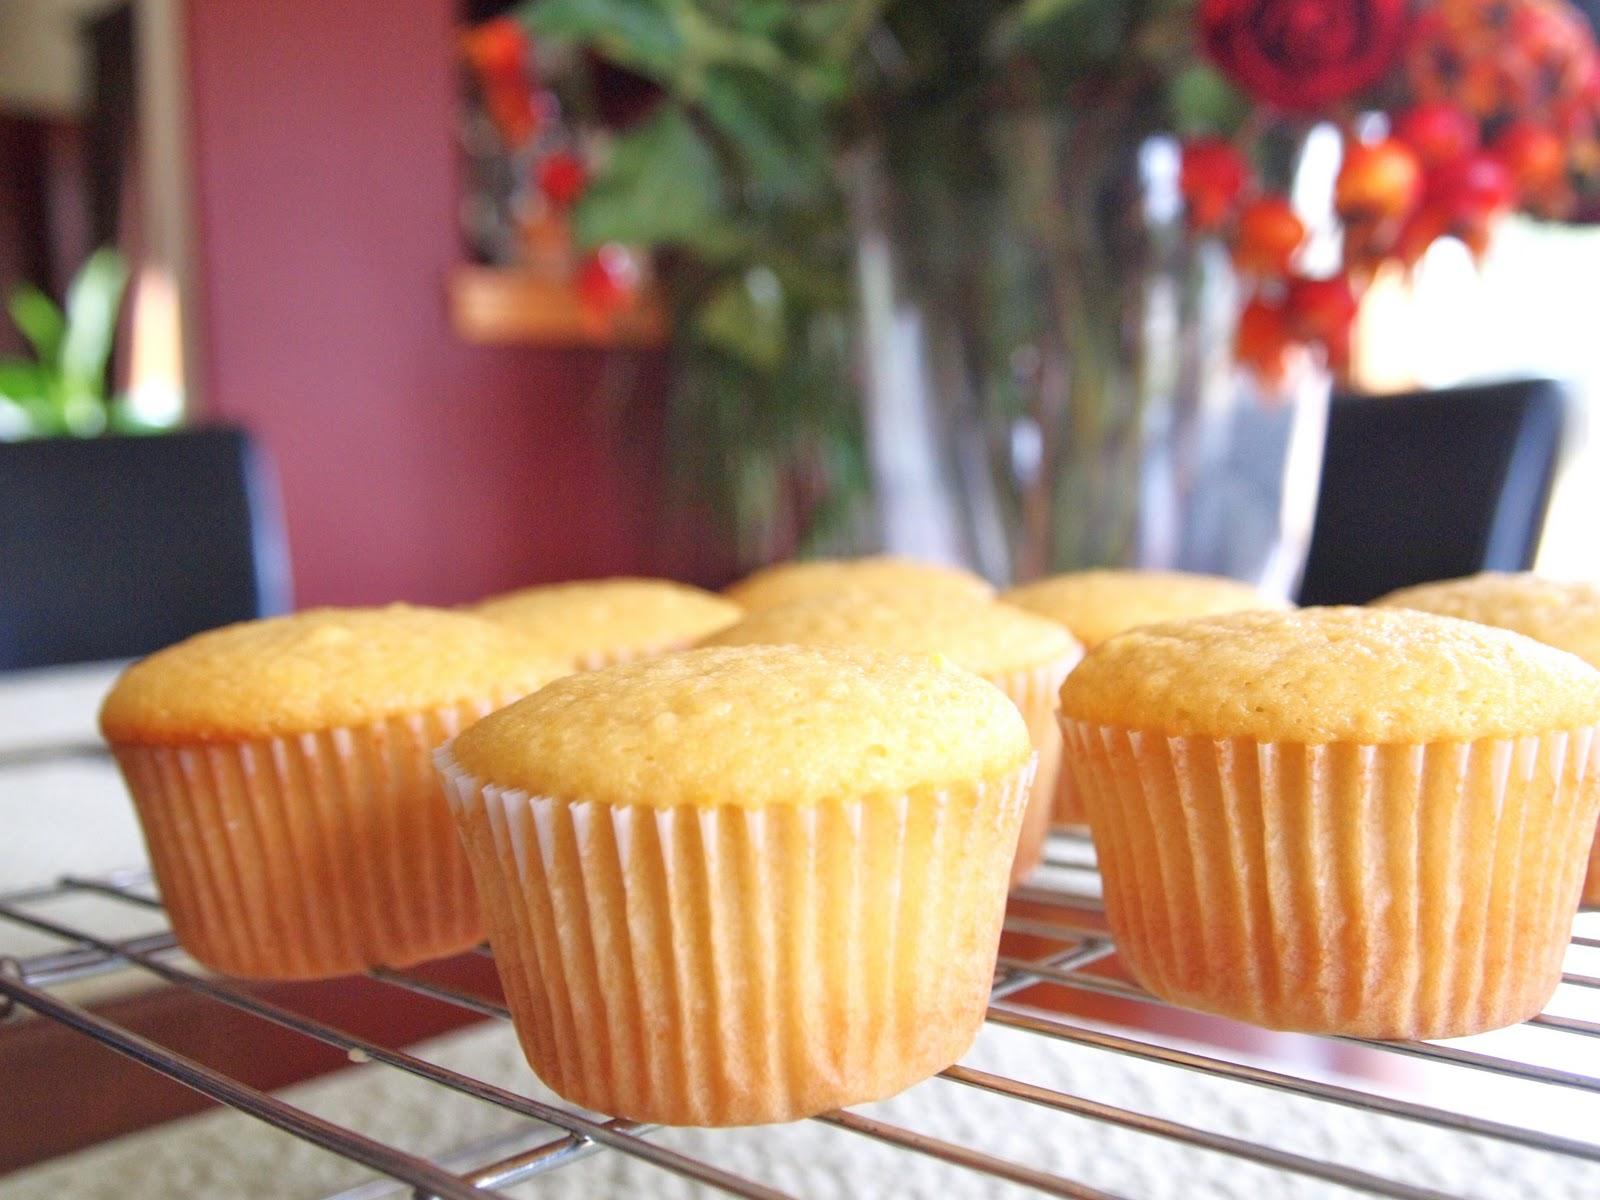 Super Moist White Cupcake Recipe